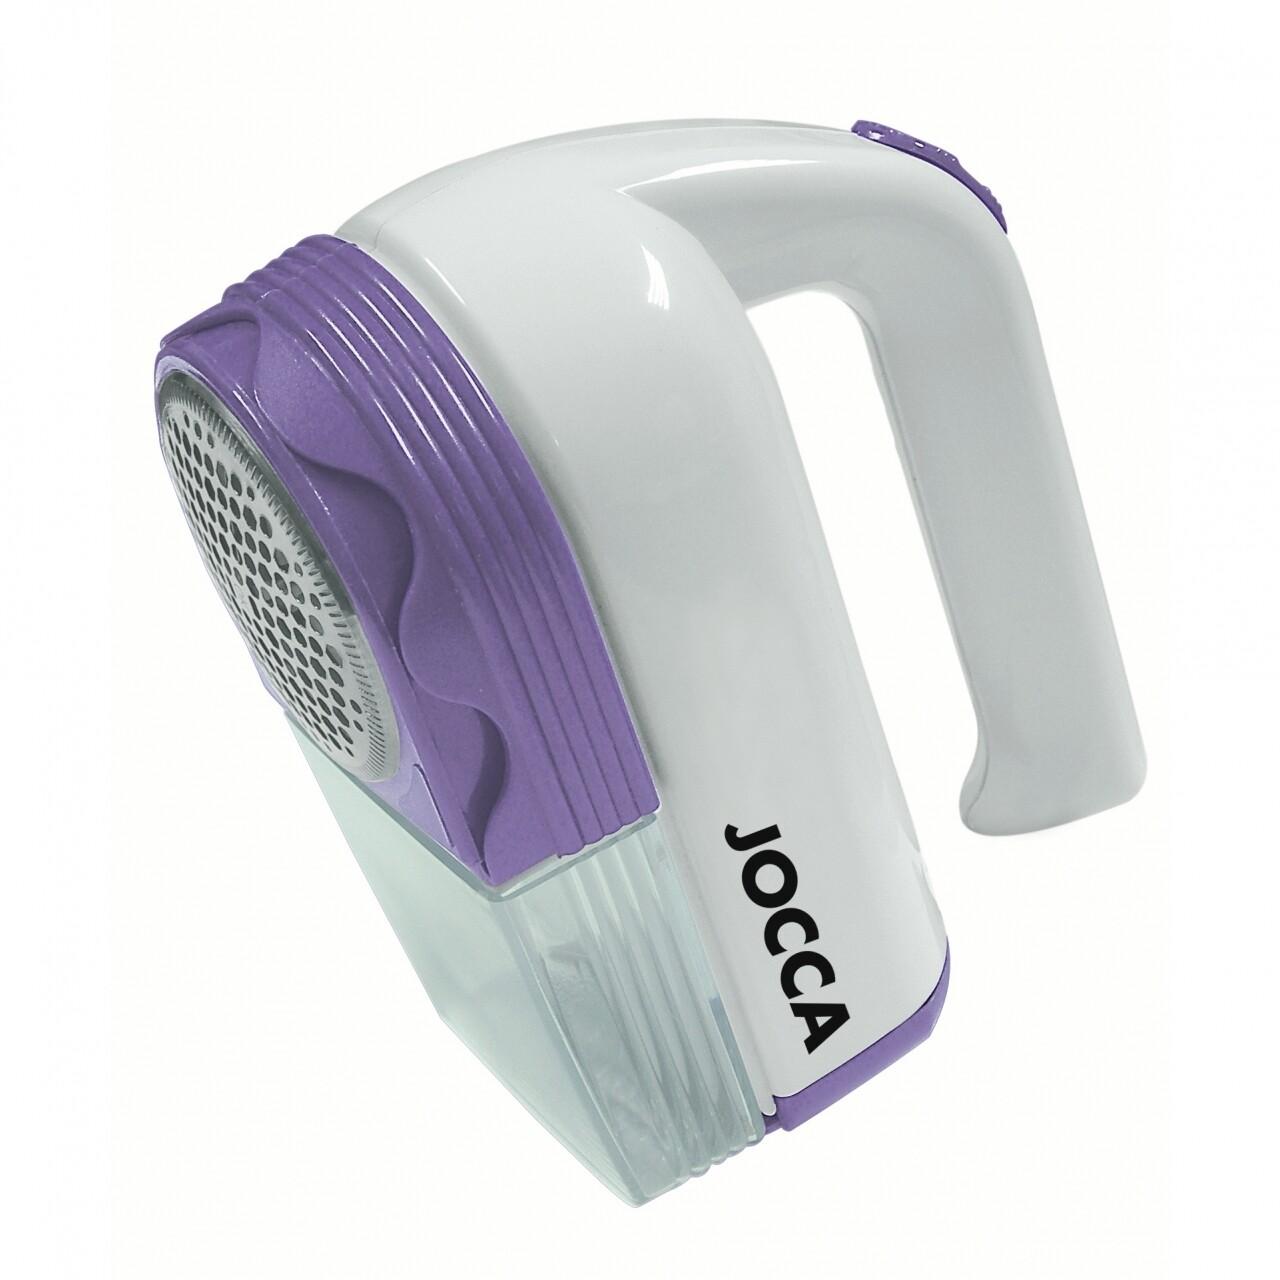 Aparat electric pentru curățat scame Purple